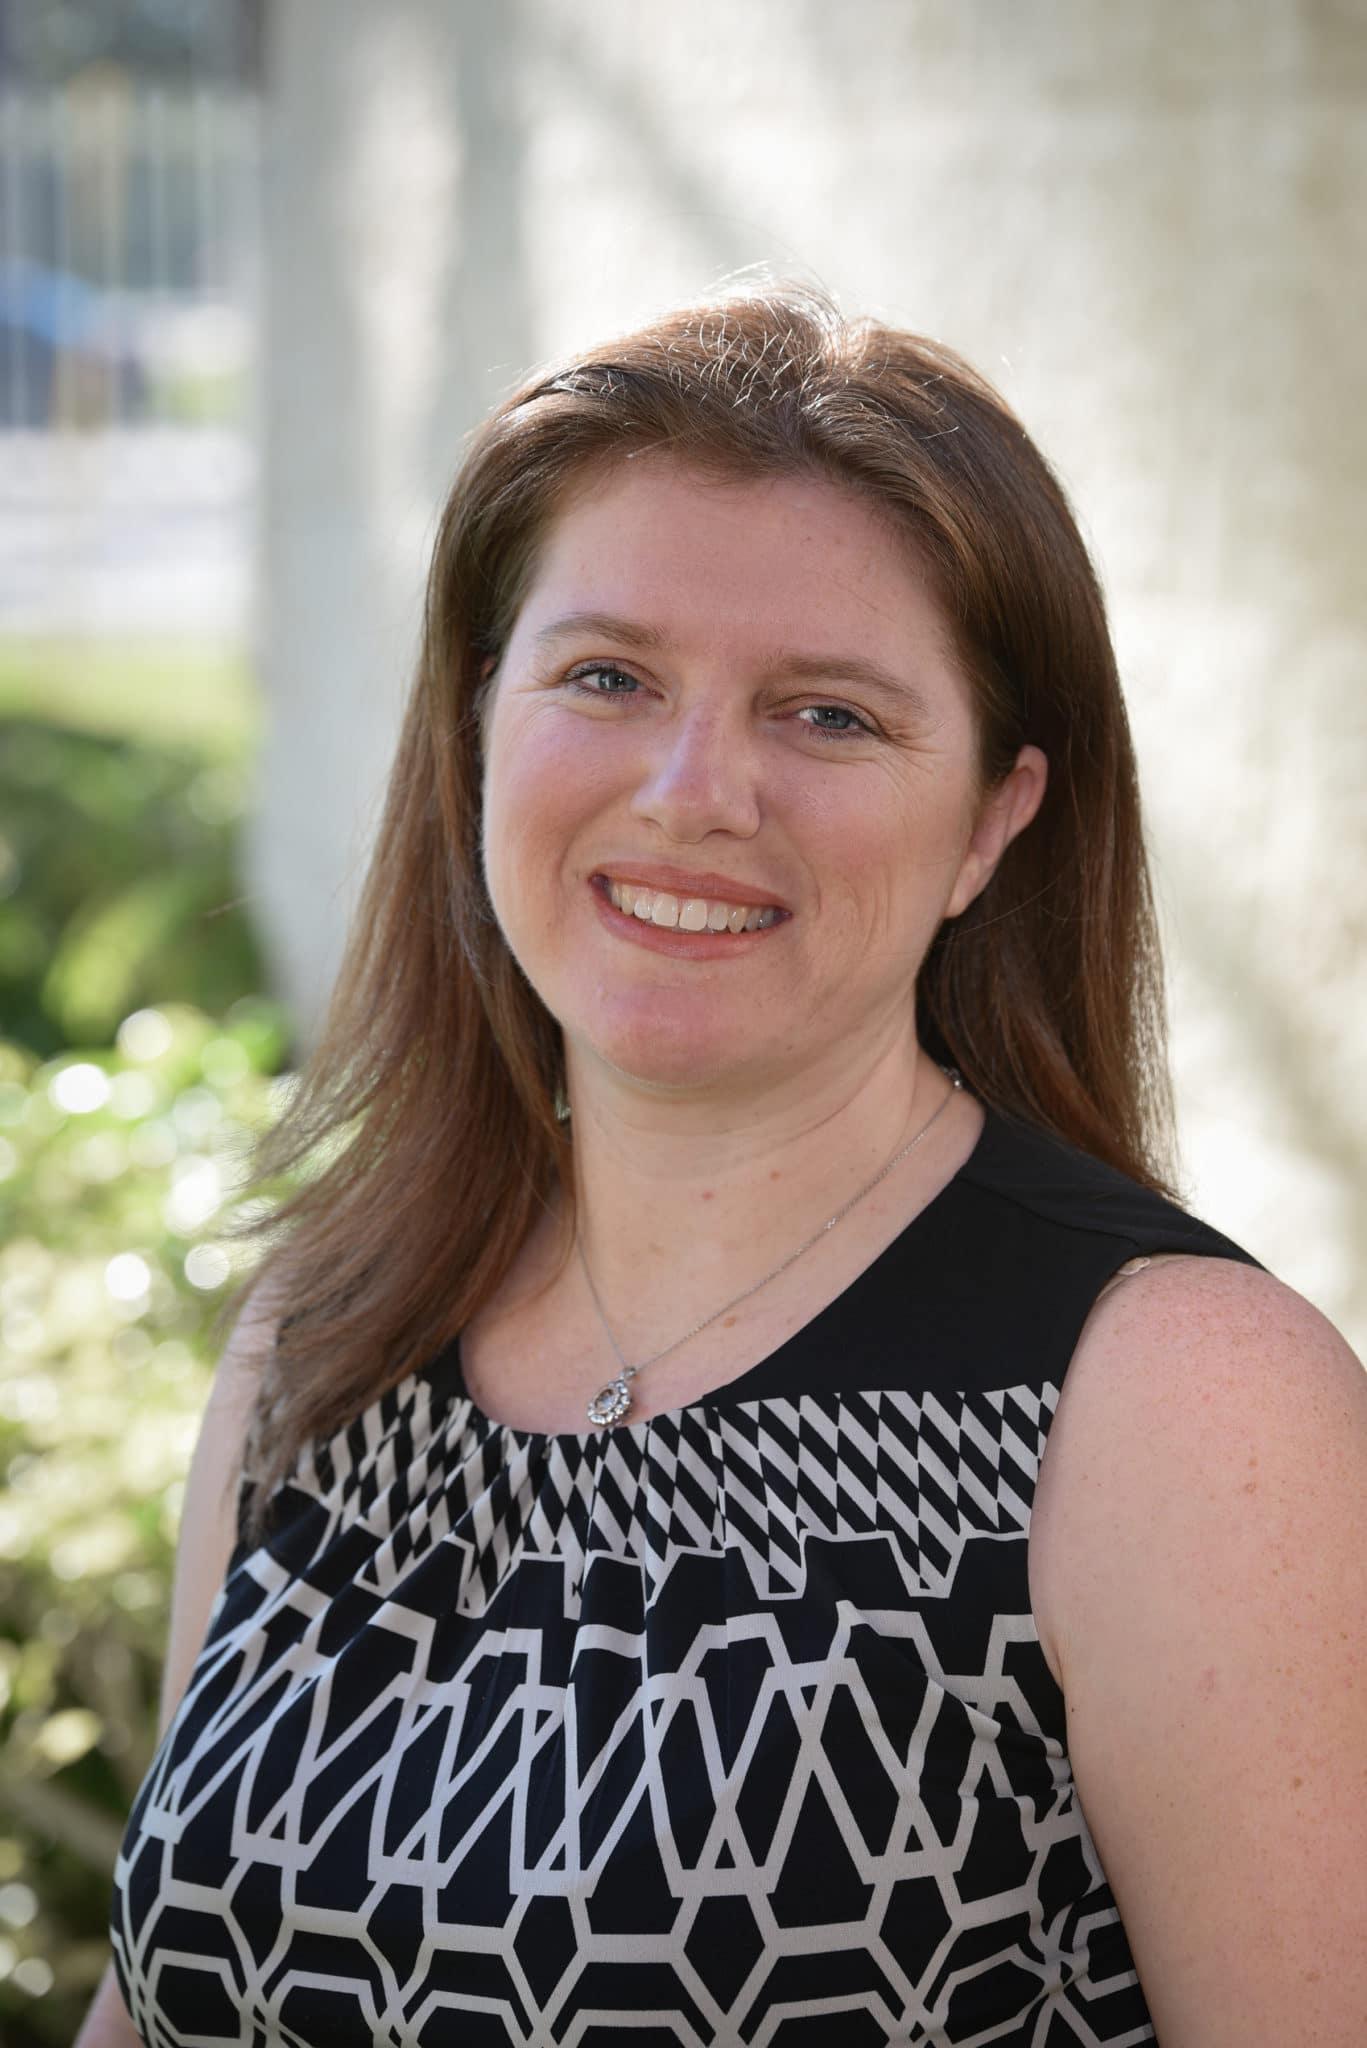 Heather Barazza